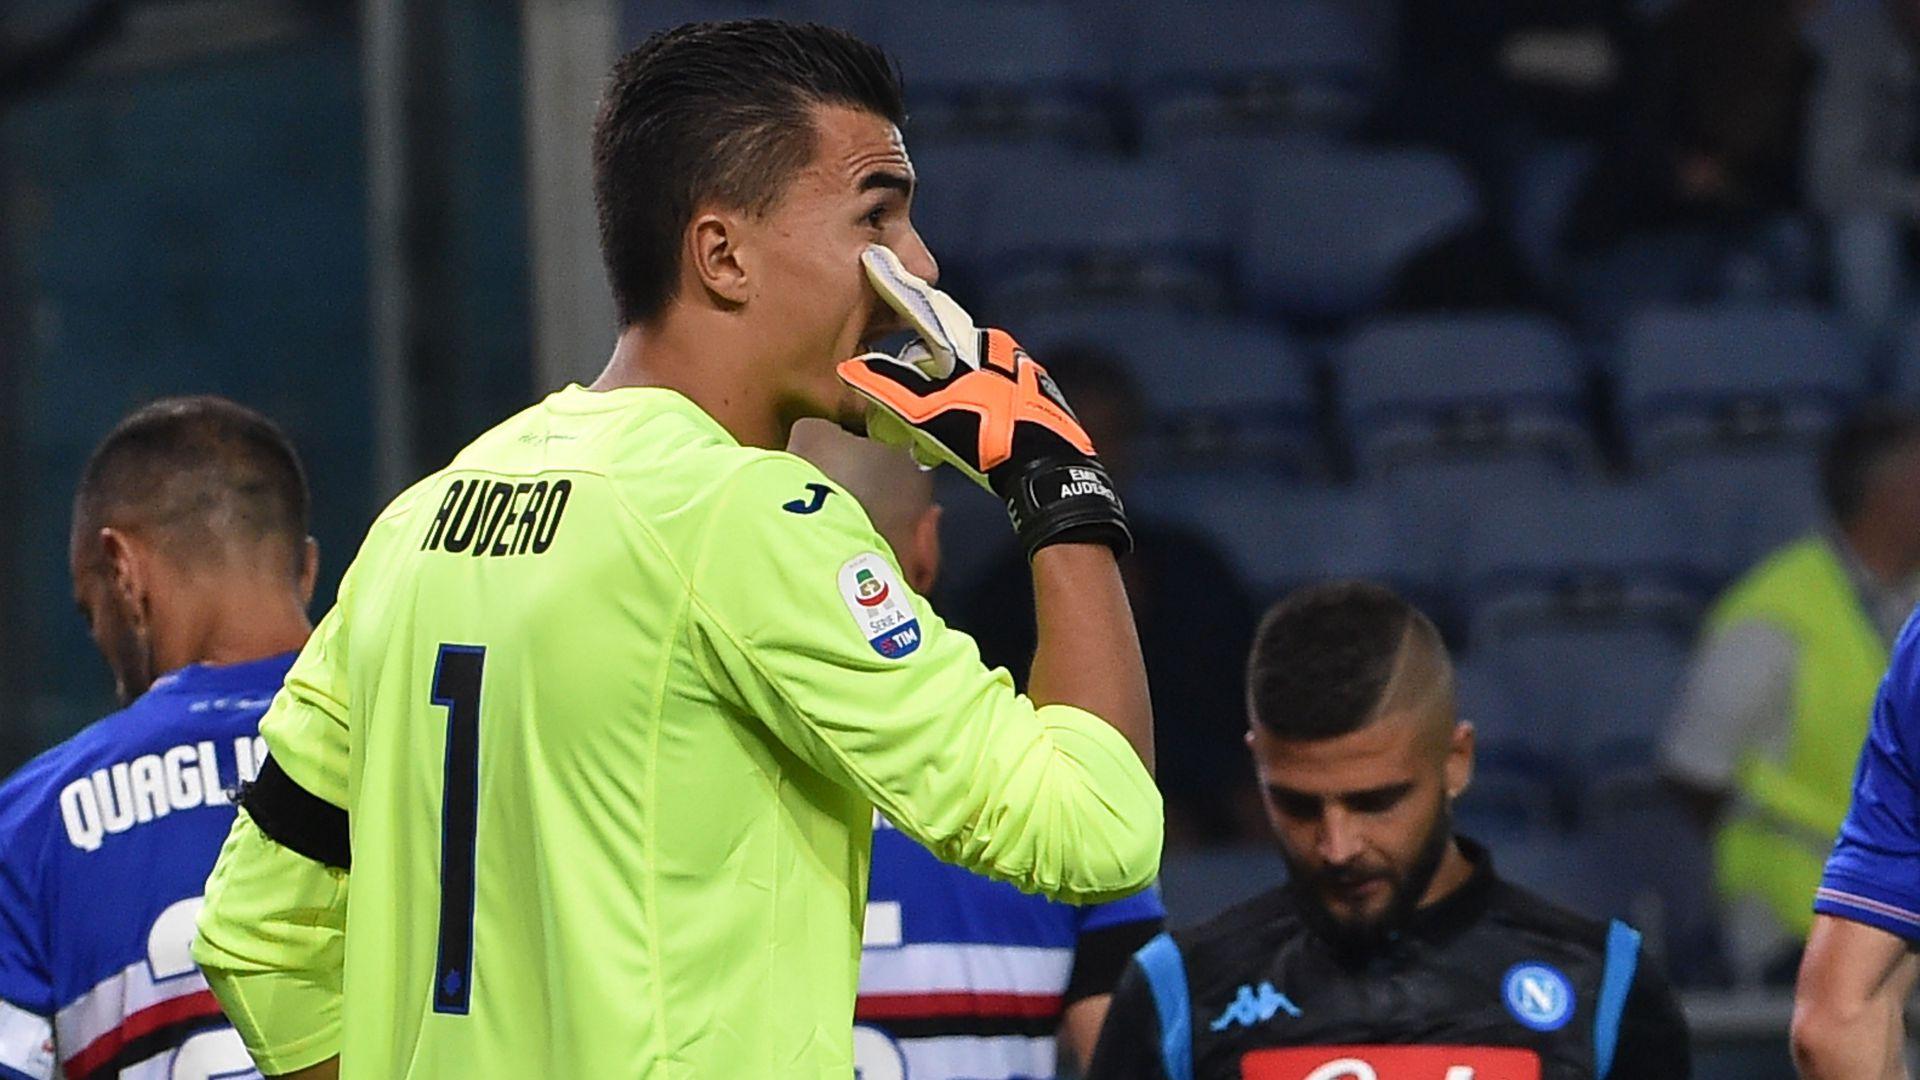 Calciomercato gennaio, notizie e trattative: Deiola torna al Cagliari